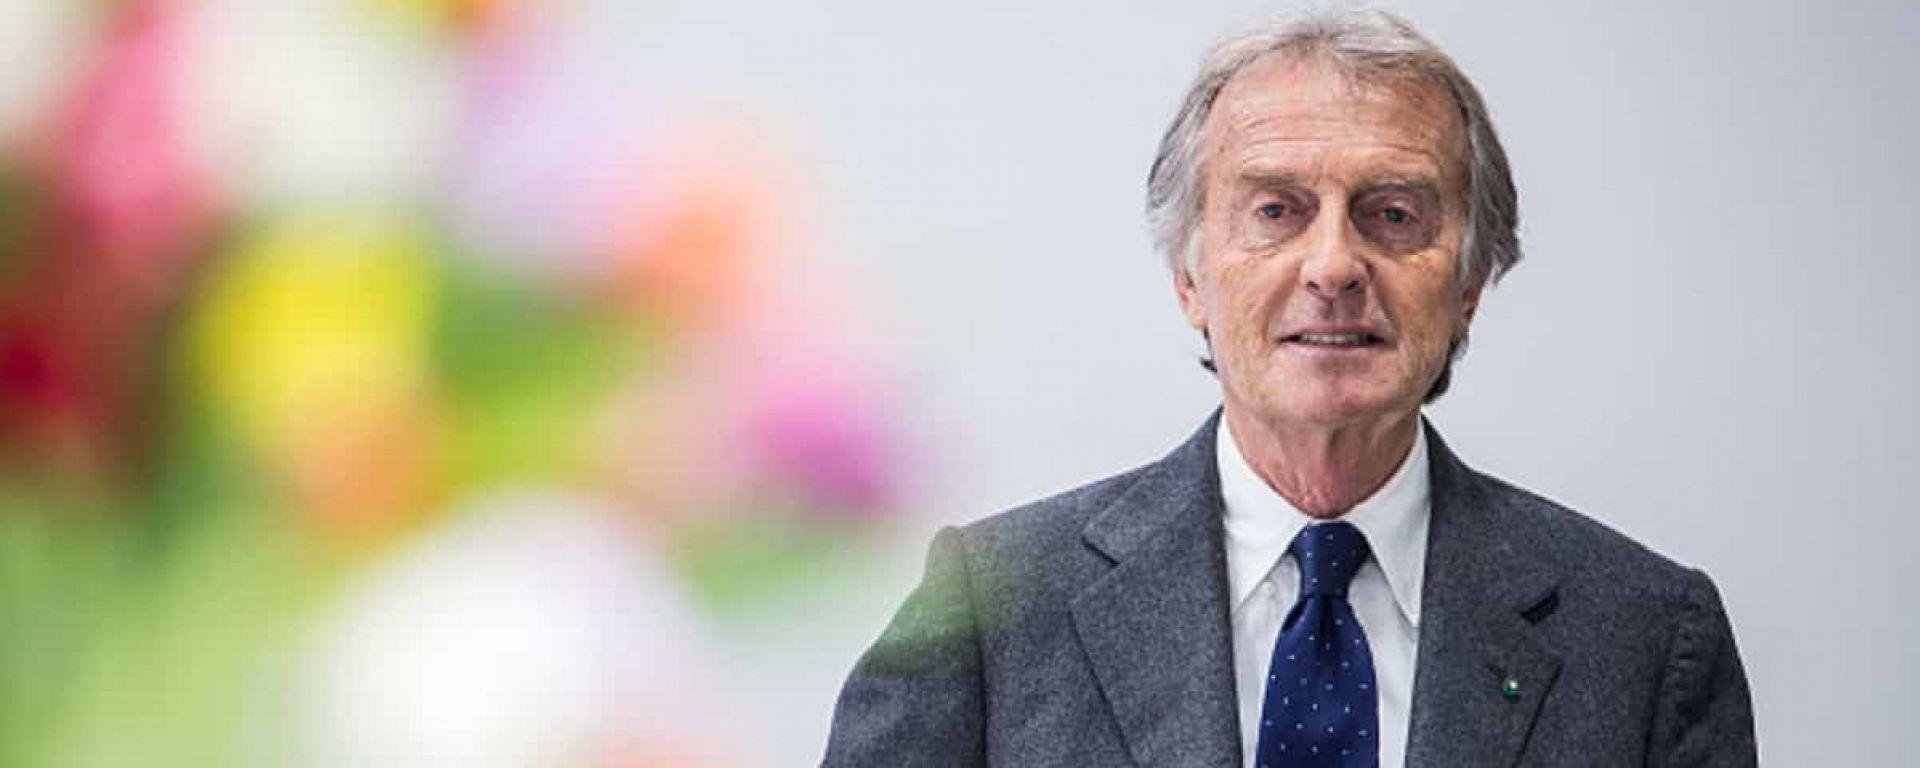 Luca Cordero di Montezemolo, ex presidente della Ferrari